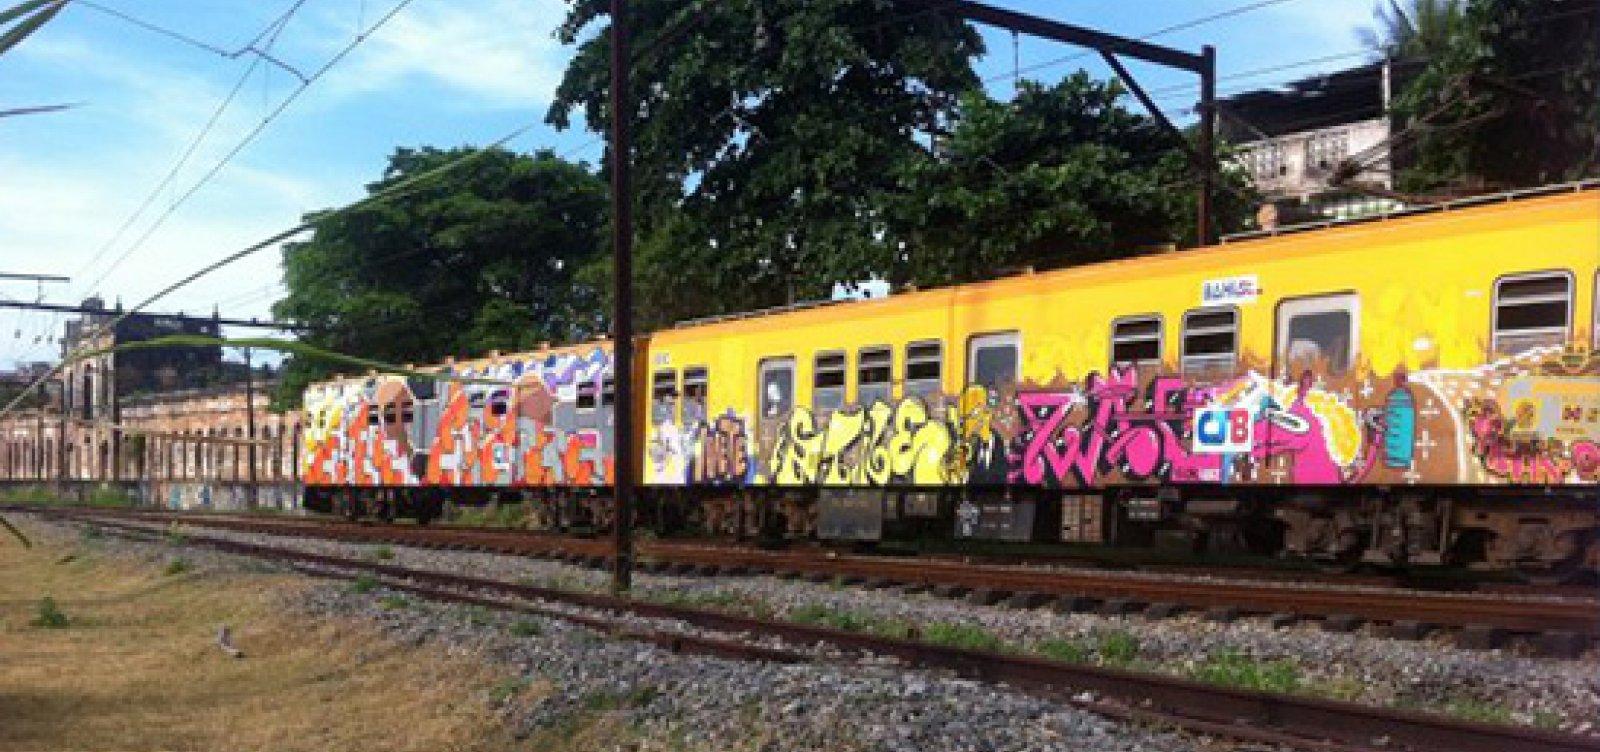 Após quase 170 anos de história, trens do Subúrbio têm funcionamento encerrado neste sábado